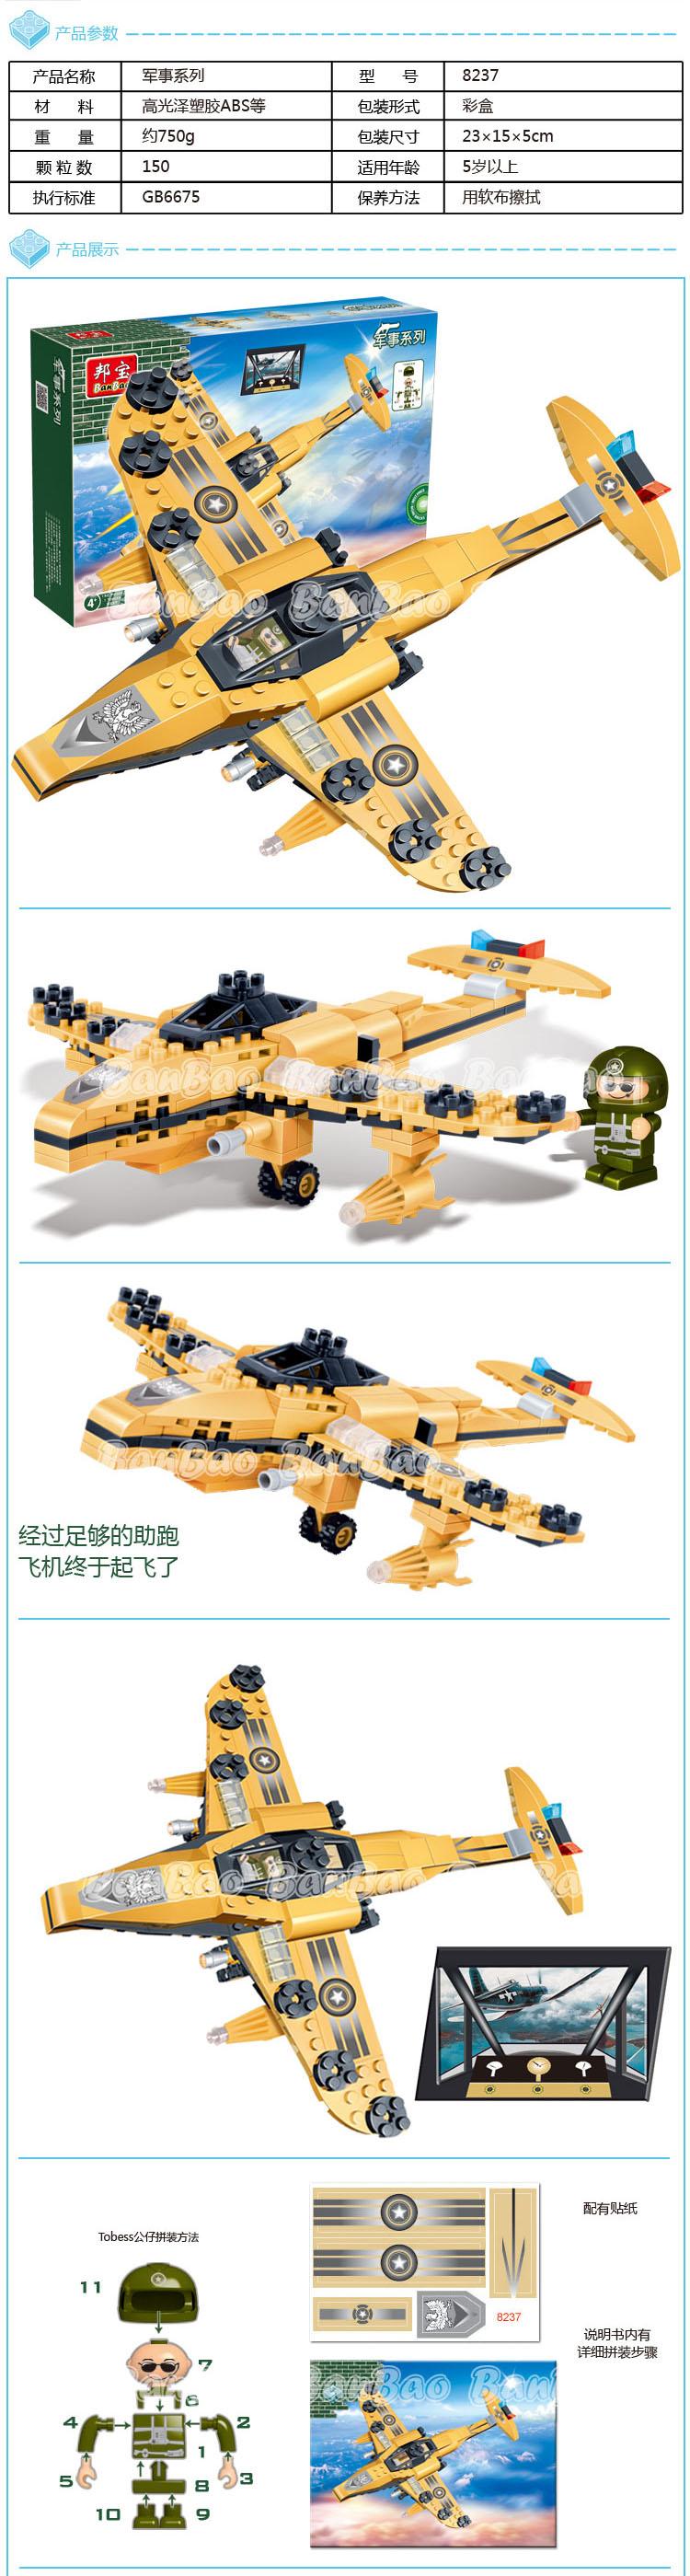 益智玩具 拼装小颗粒积木益智儿童玩具雷霆战机